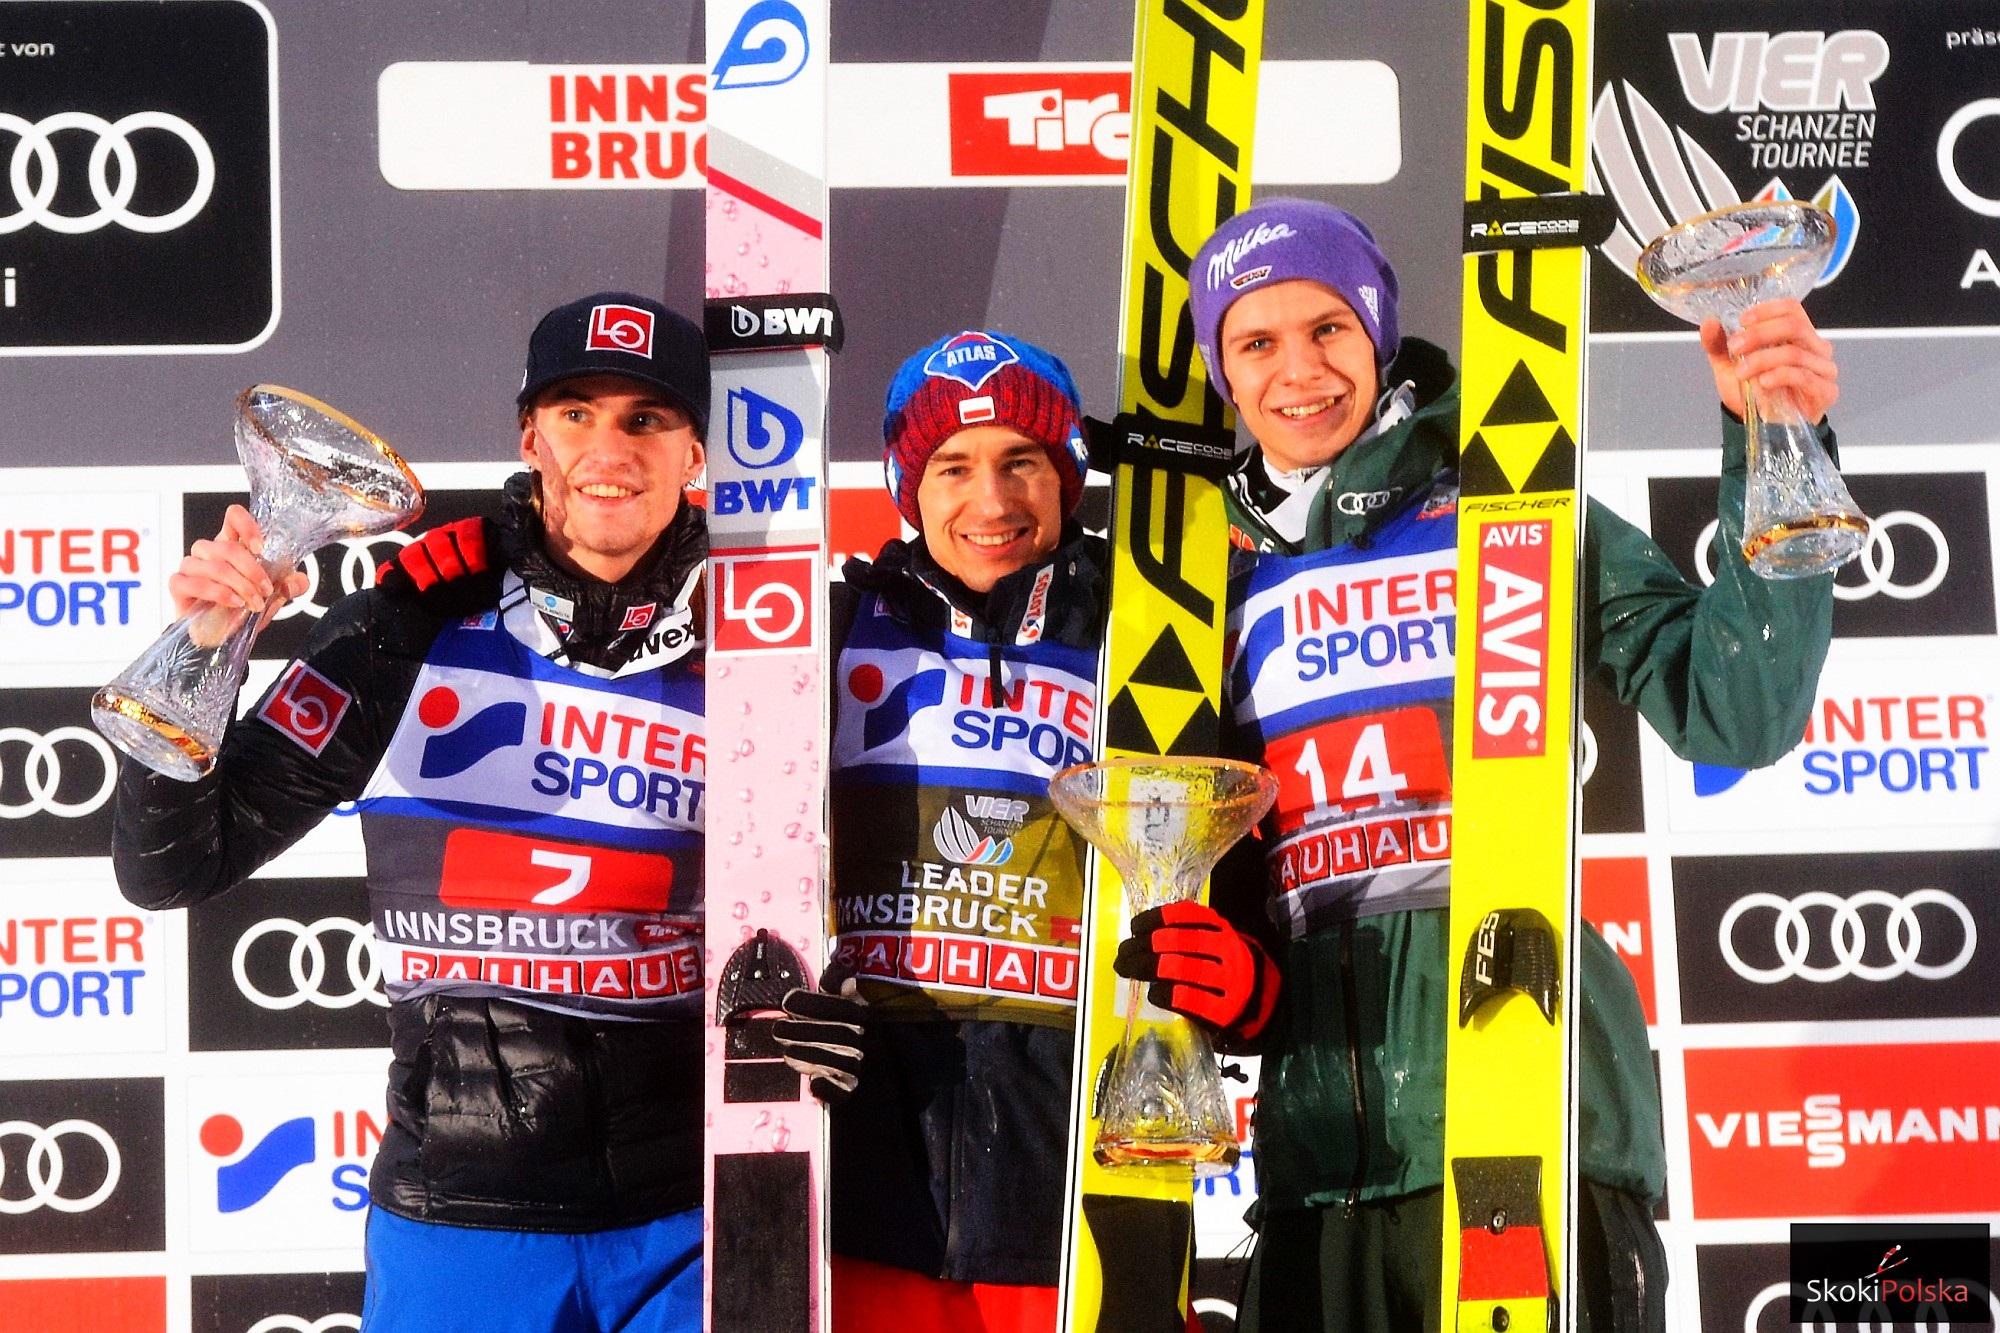 Podium konkursu (od lewej: D.A. Tande, K. Stoch, A. Wellinger), fot. Julia Piątkowska